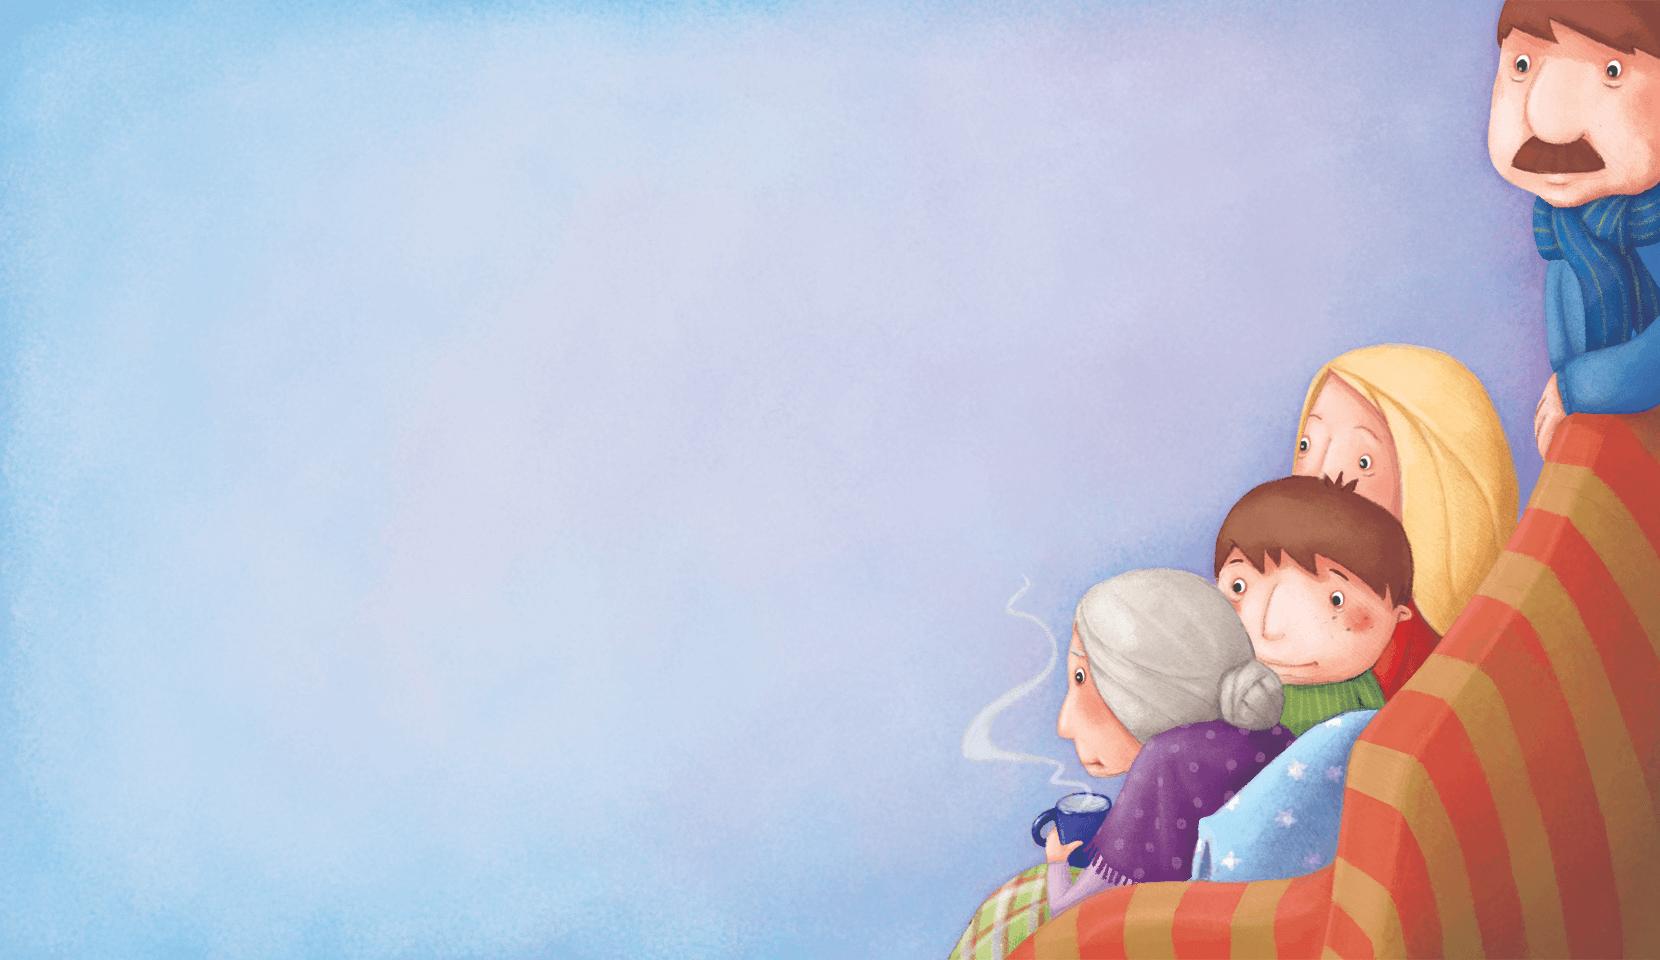 Rodzina siedzi przytulona na kanapie. Babcia trzyma kubek z gorącą herbatą.